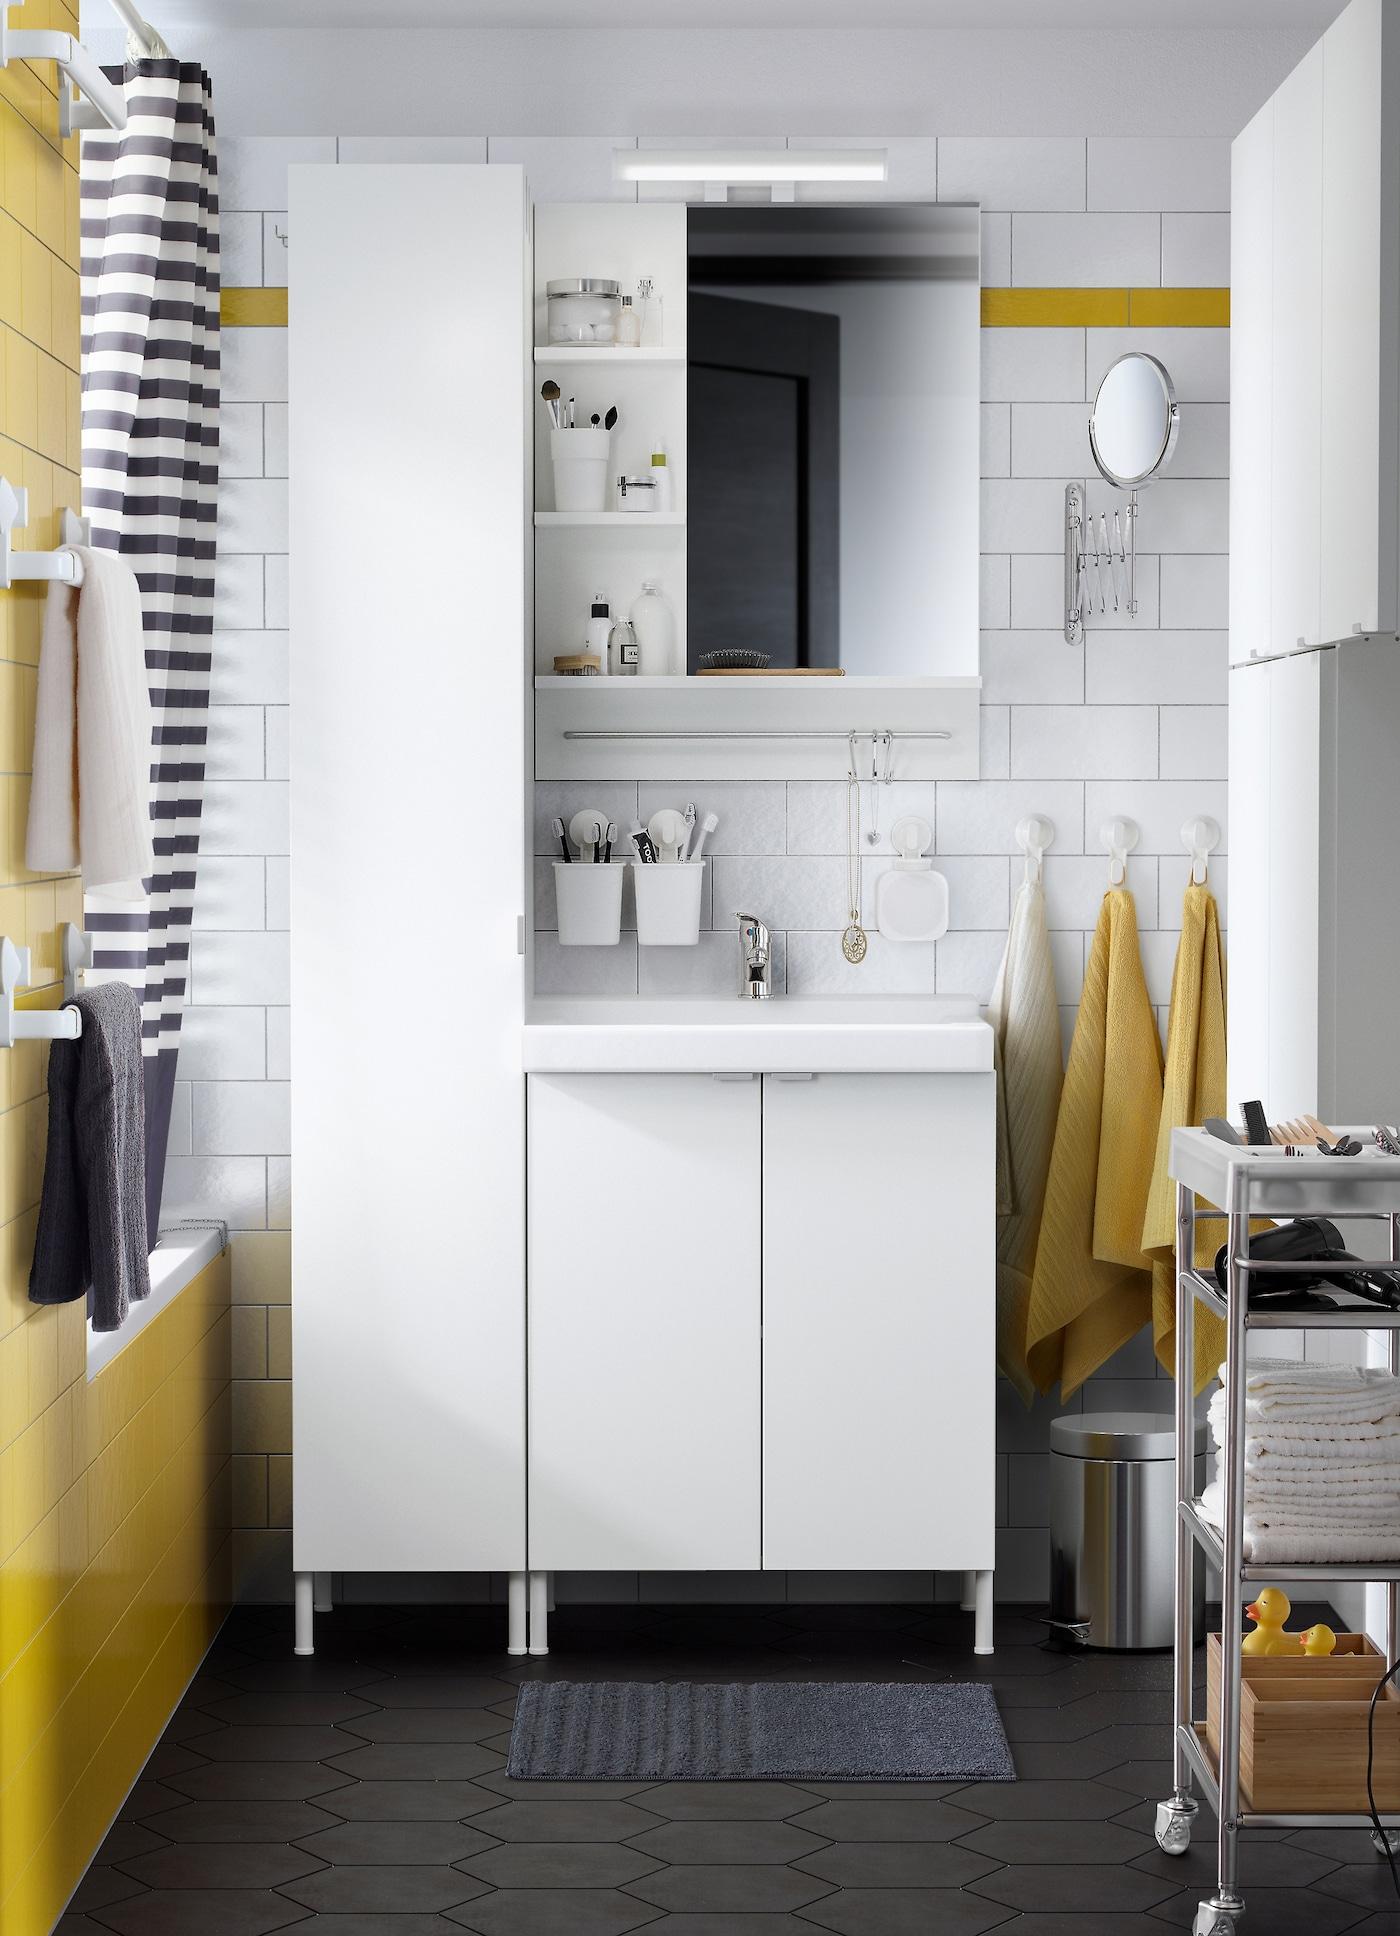 Organisation im Badezimmer leicht gemacht IKEA IKEA